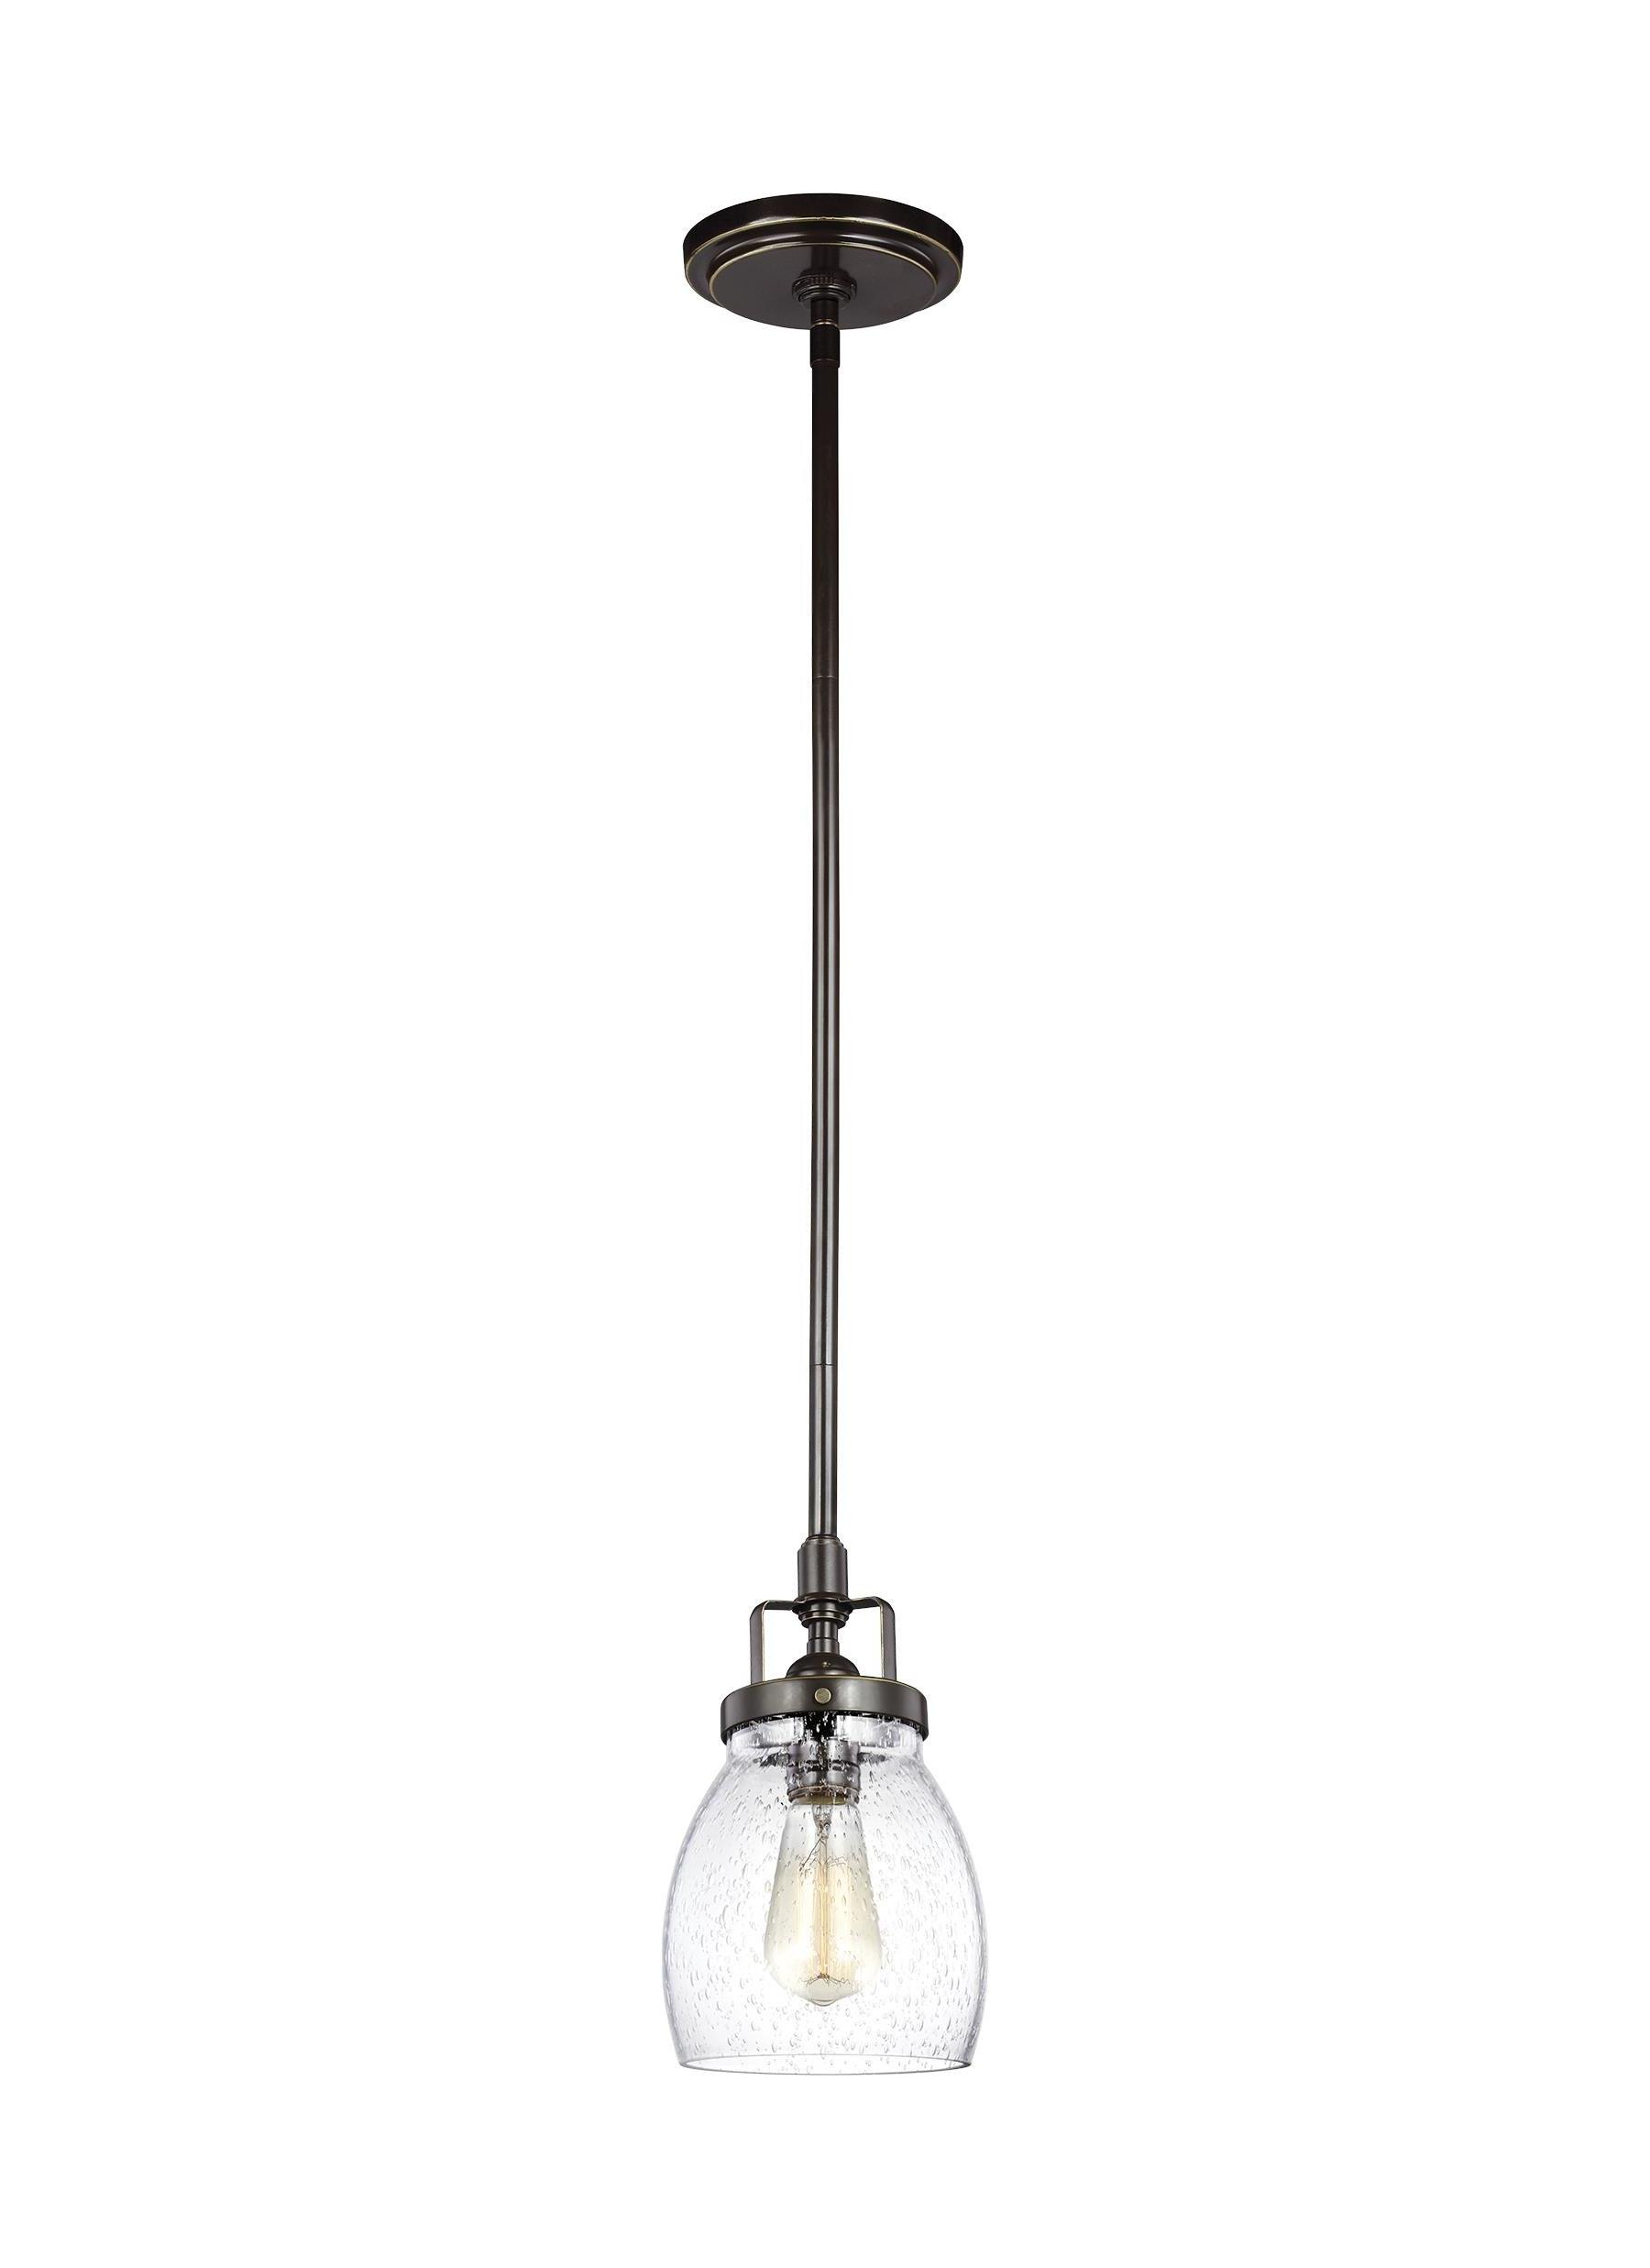 Houon Heirloom Bronze 1 Light Cone Bell Pendant Throughout Trendy Houon 1 Light Cone Bell Pendants (View 10 of 20)